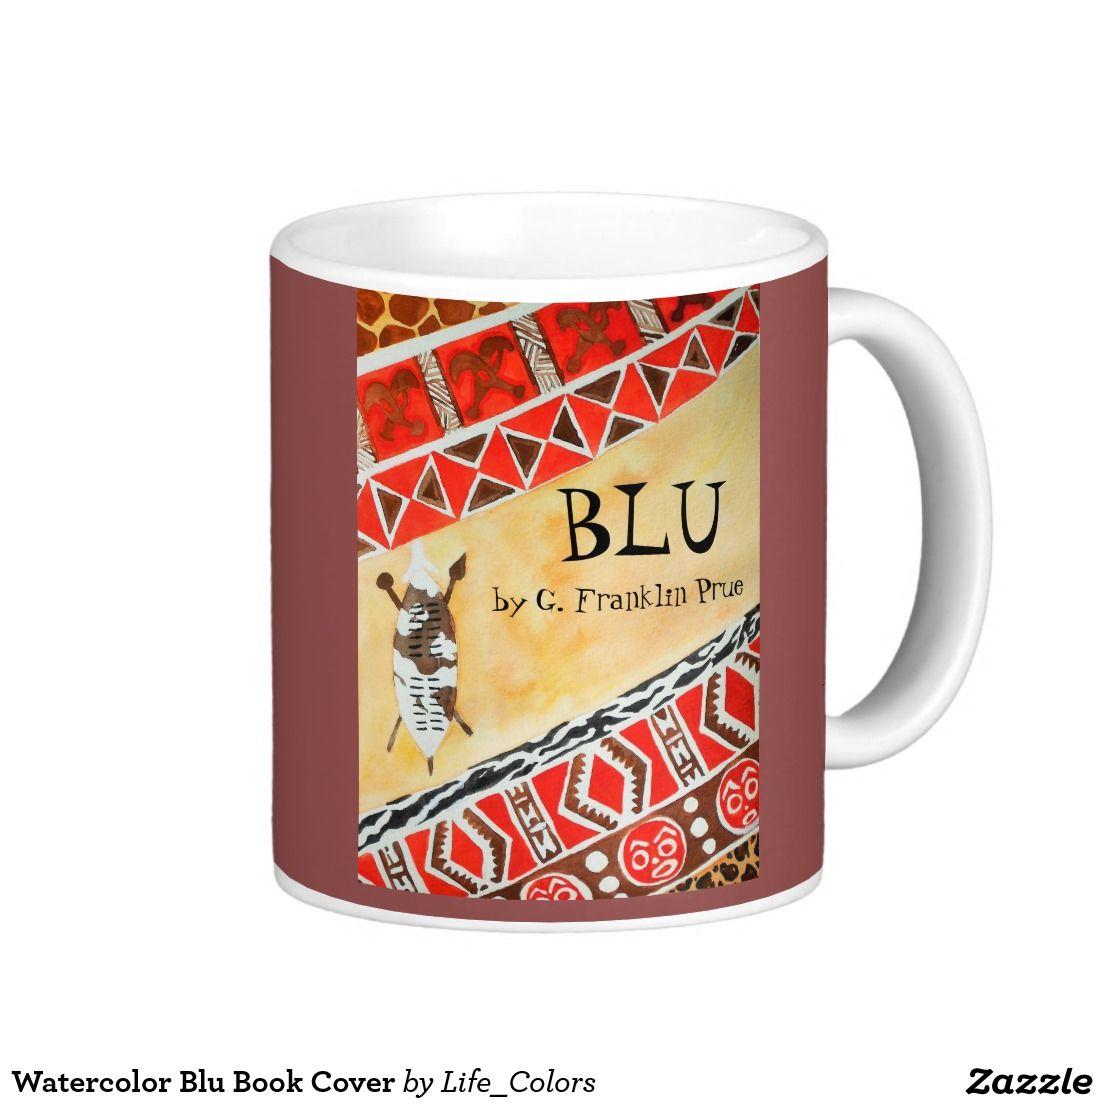 Watercolor book covers - Watercolor Blu Book Cover Coffee Mug